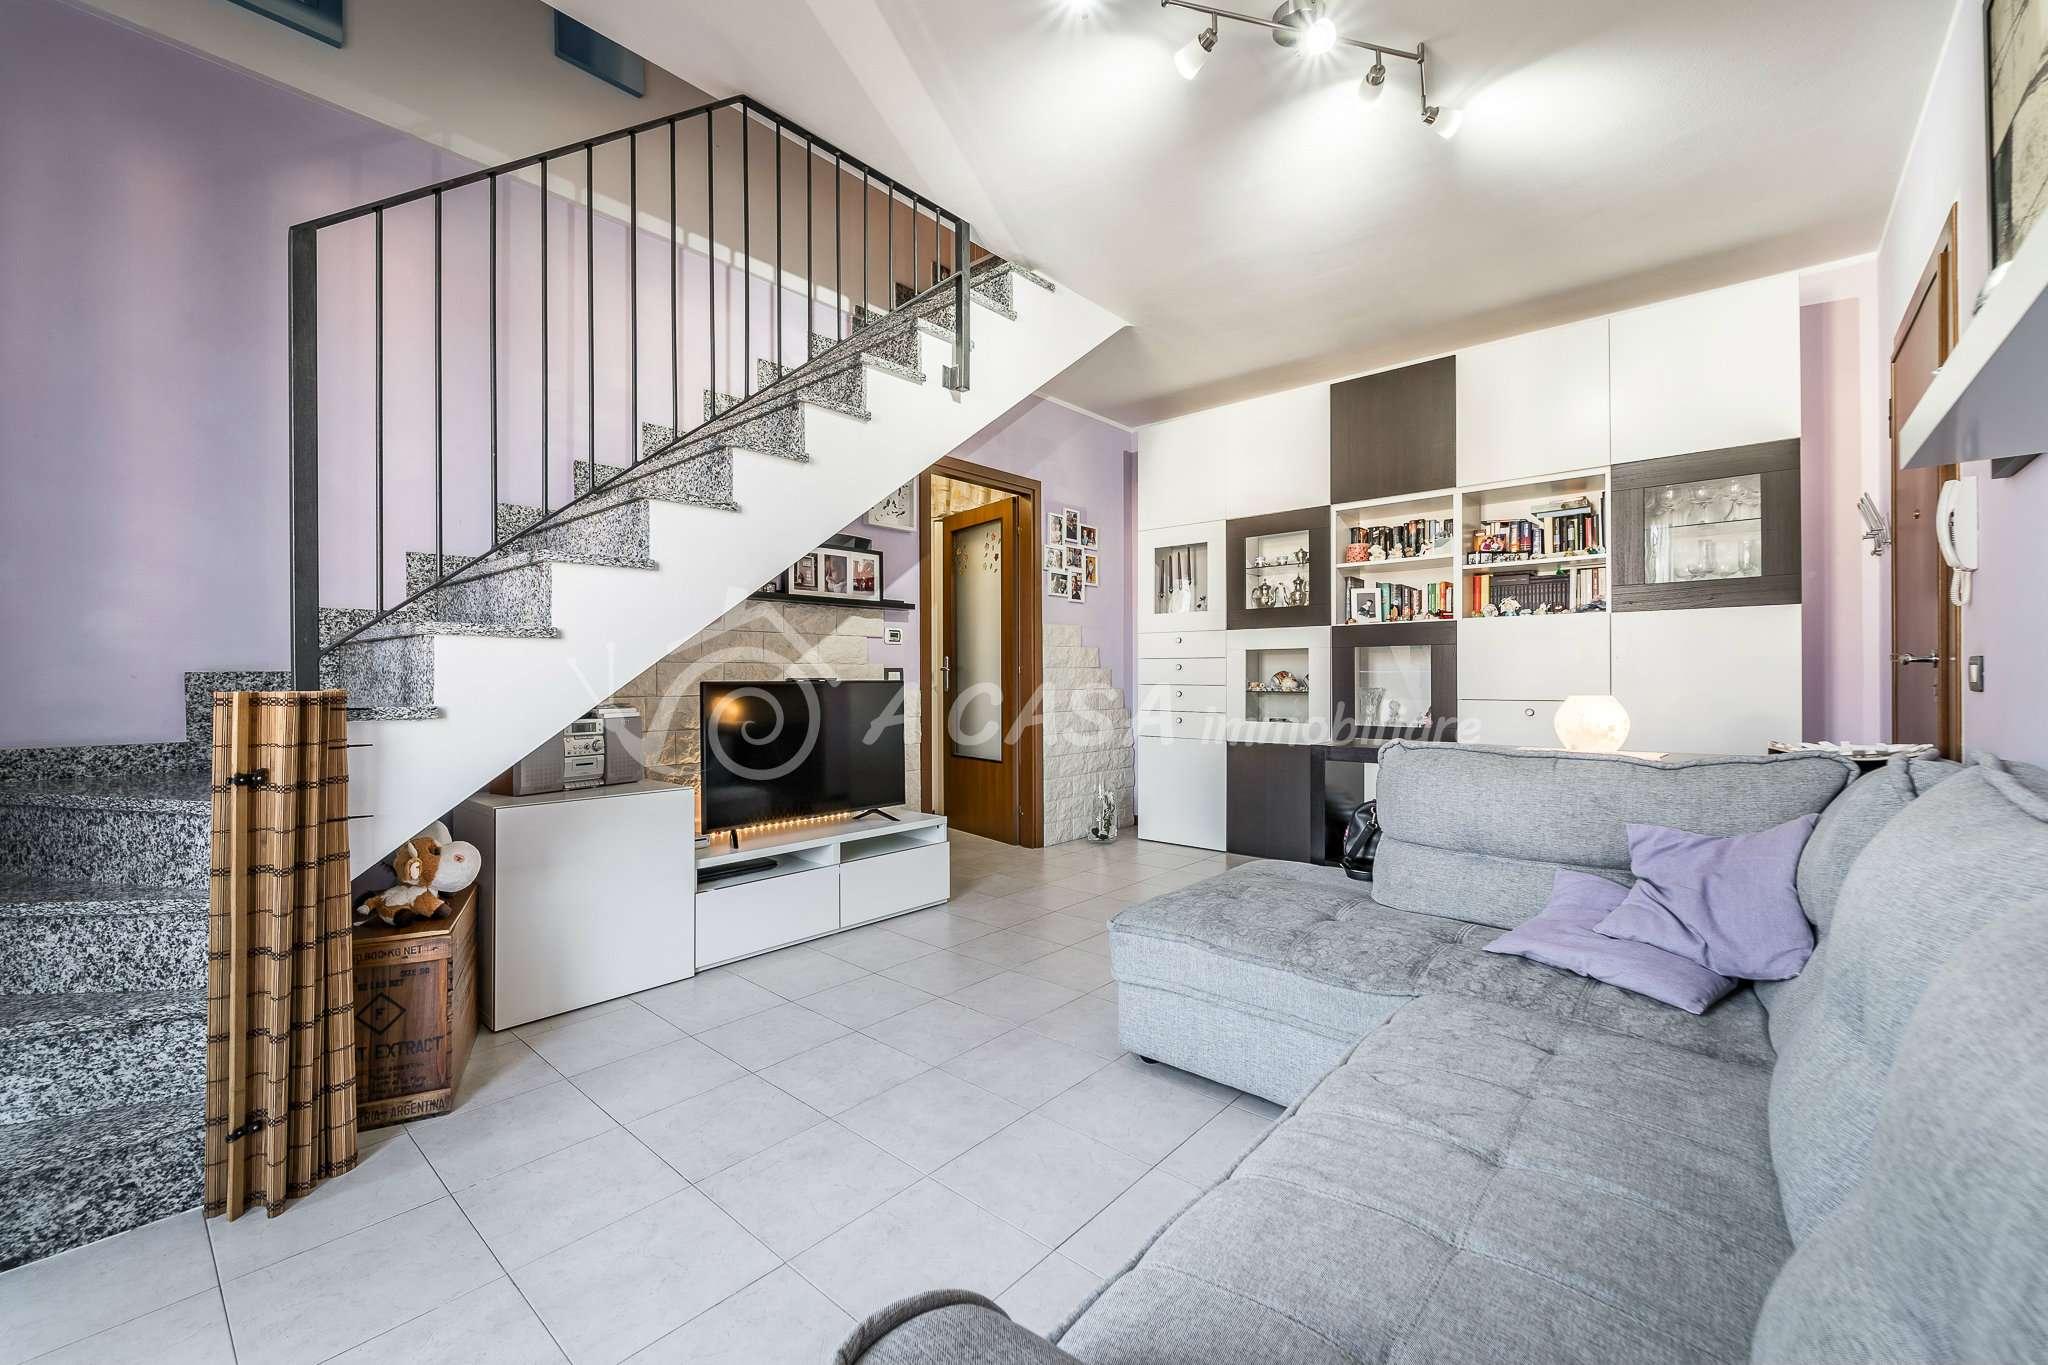 Appartamento in vendita a Torrile, 3 locali, prezzo € 99.000 | CambioCasa.it